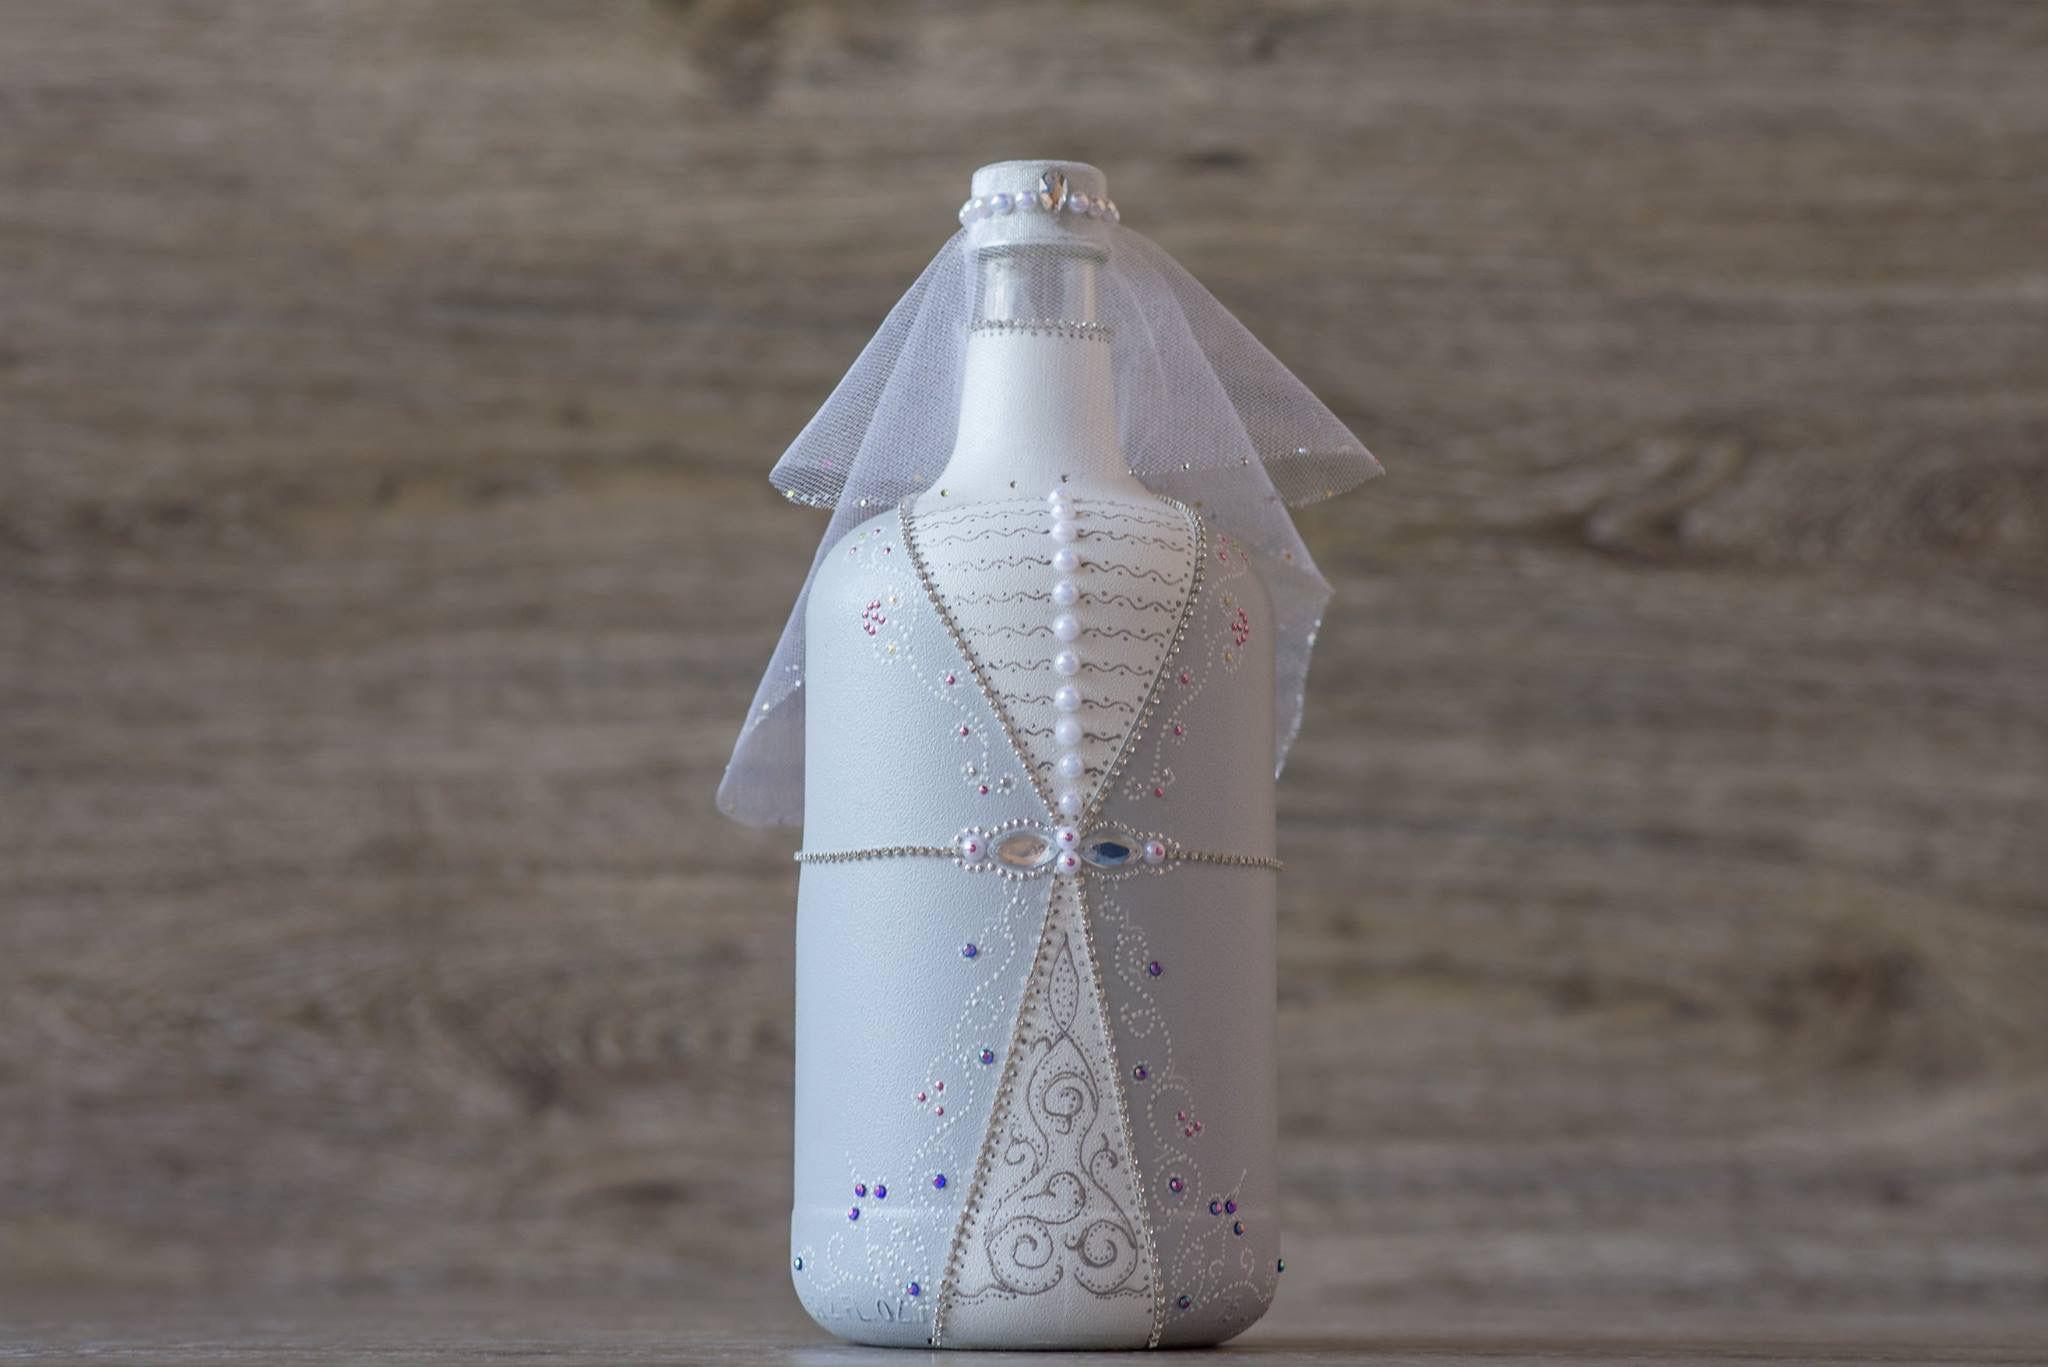 фата кинжал осетия кавказ джигит рождения бутылка день праздник невеста мужчина стекло женщина свадьба